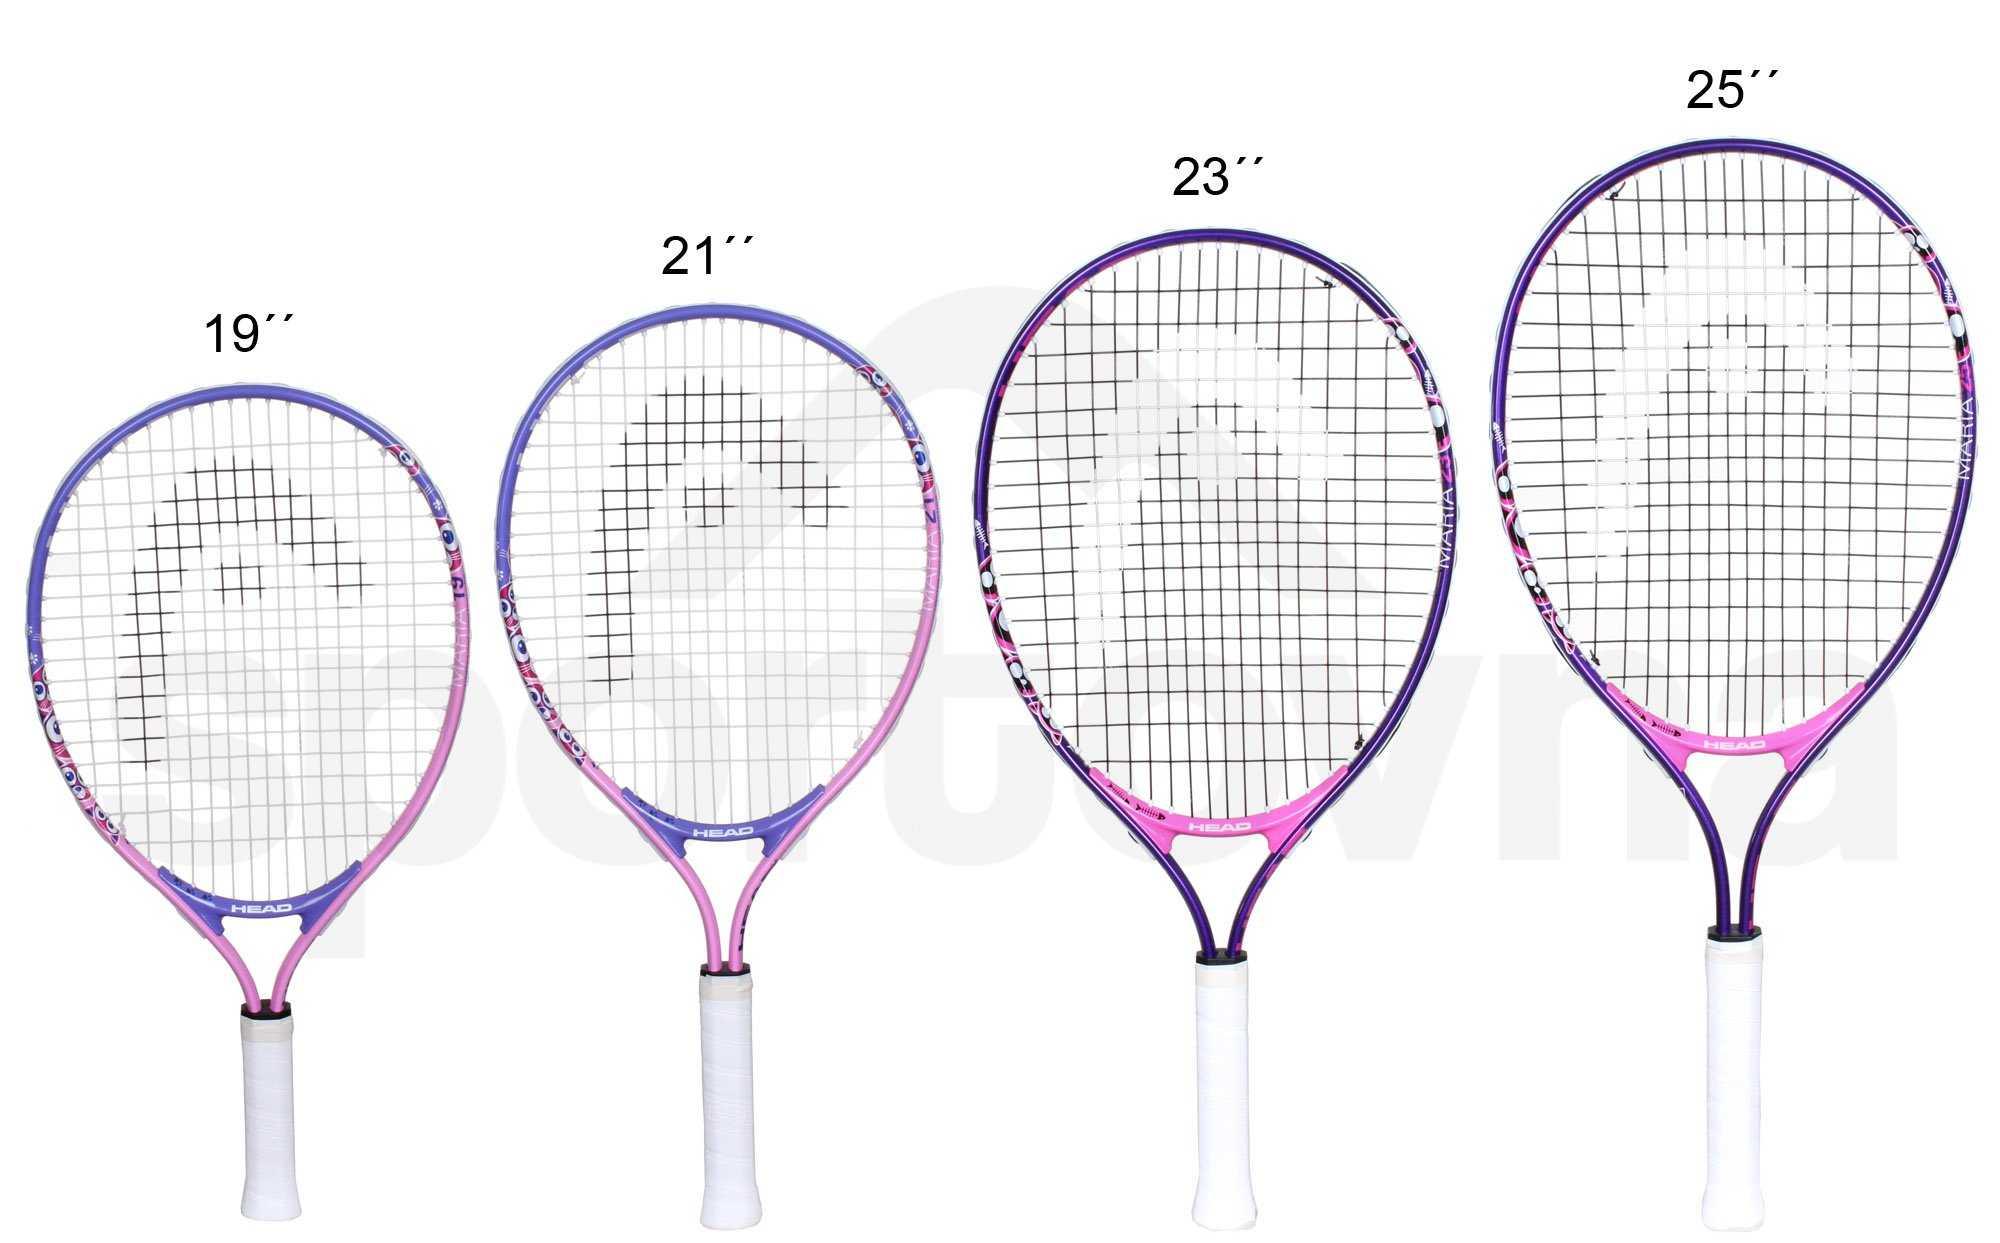 Оцените в статье информацию о том как выбрать ракетку для большого тенниса Вы узнаете какую купить взрослому и ребенку модели